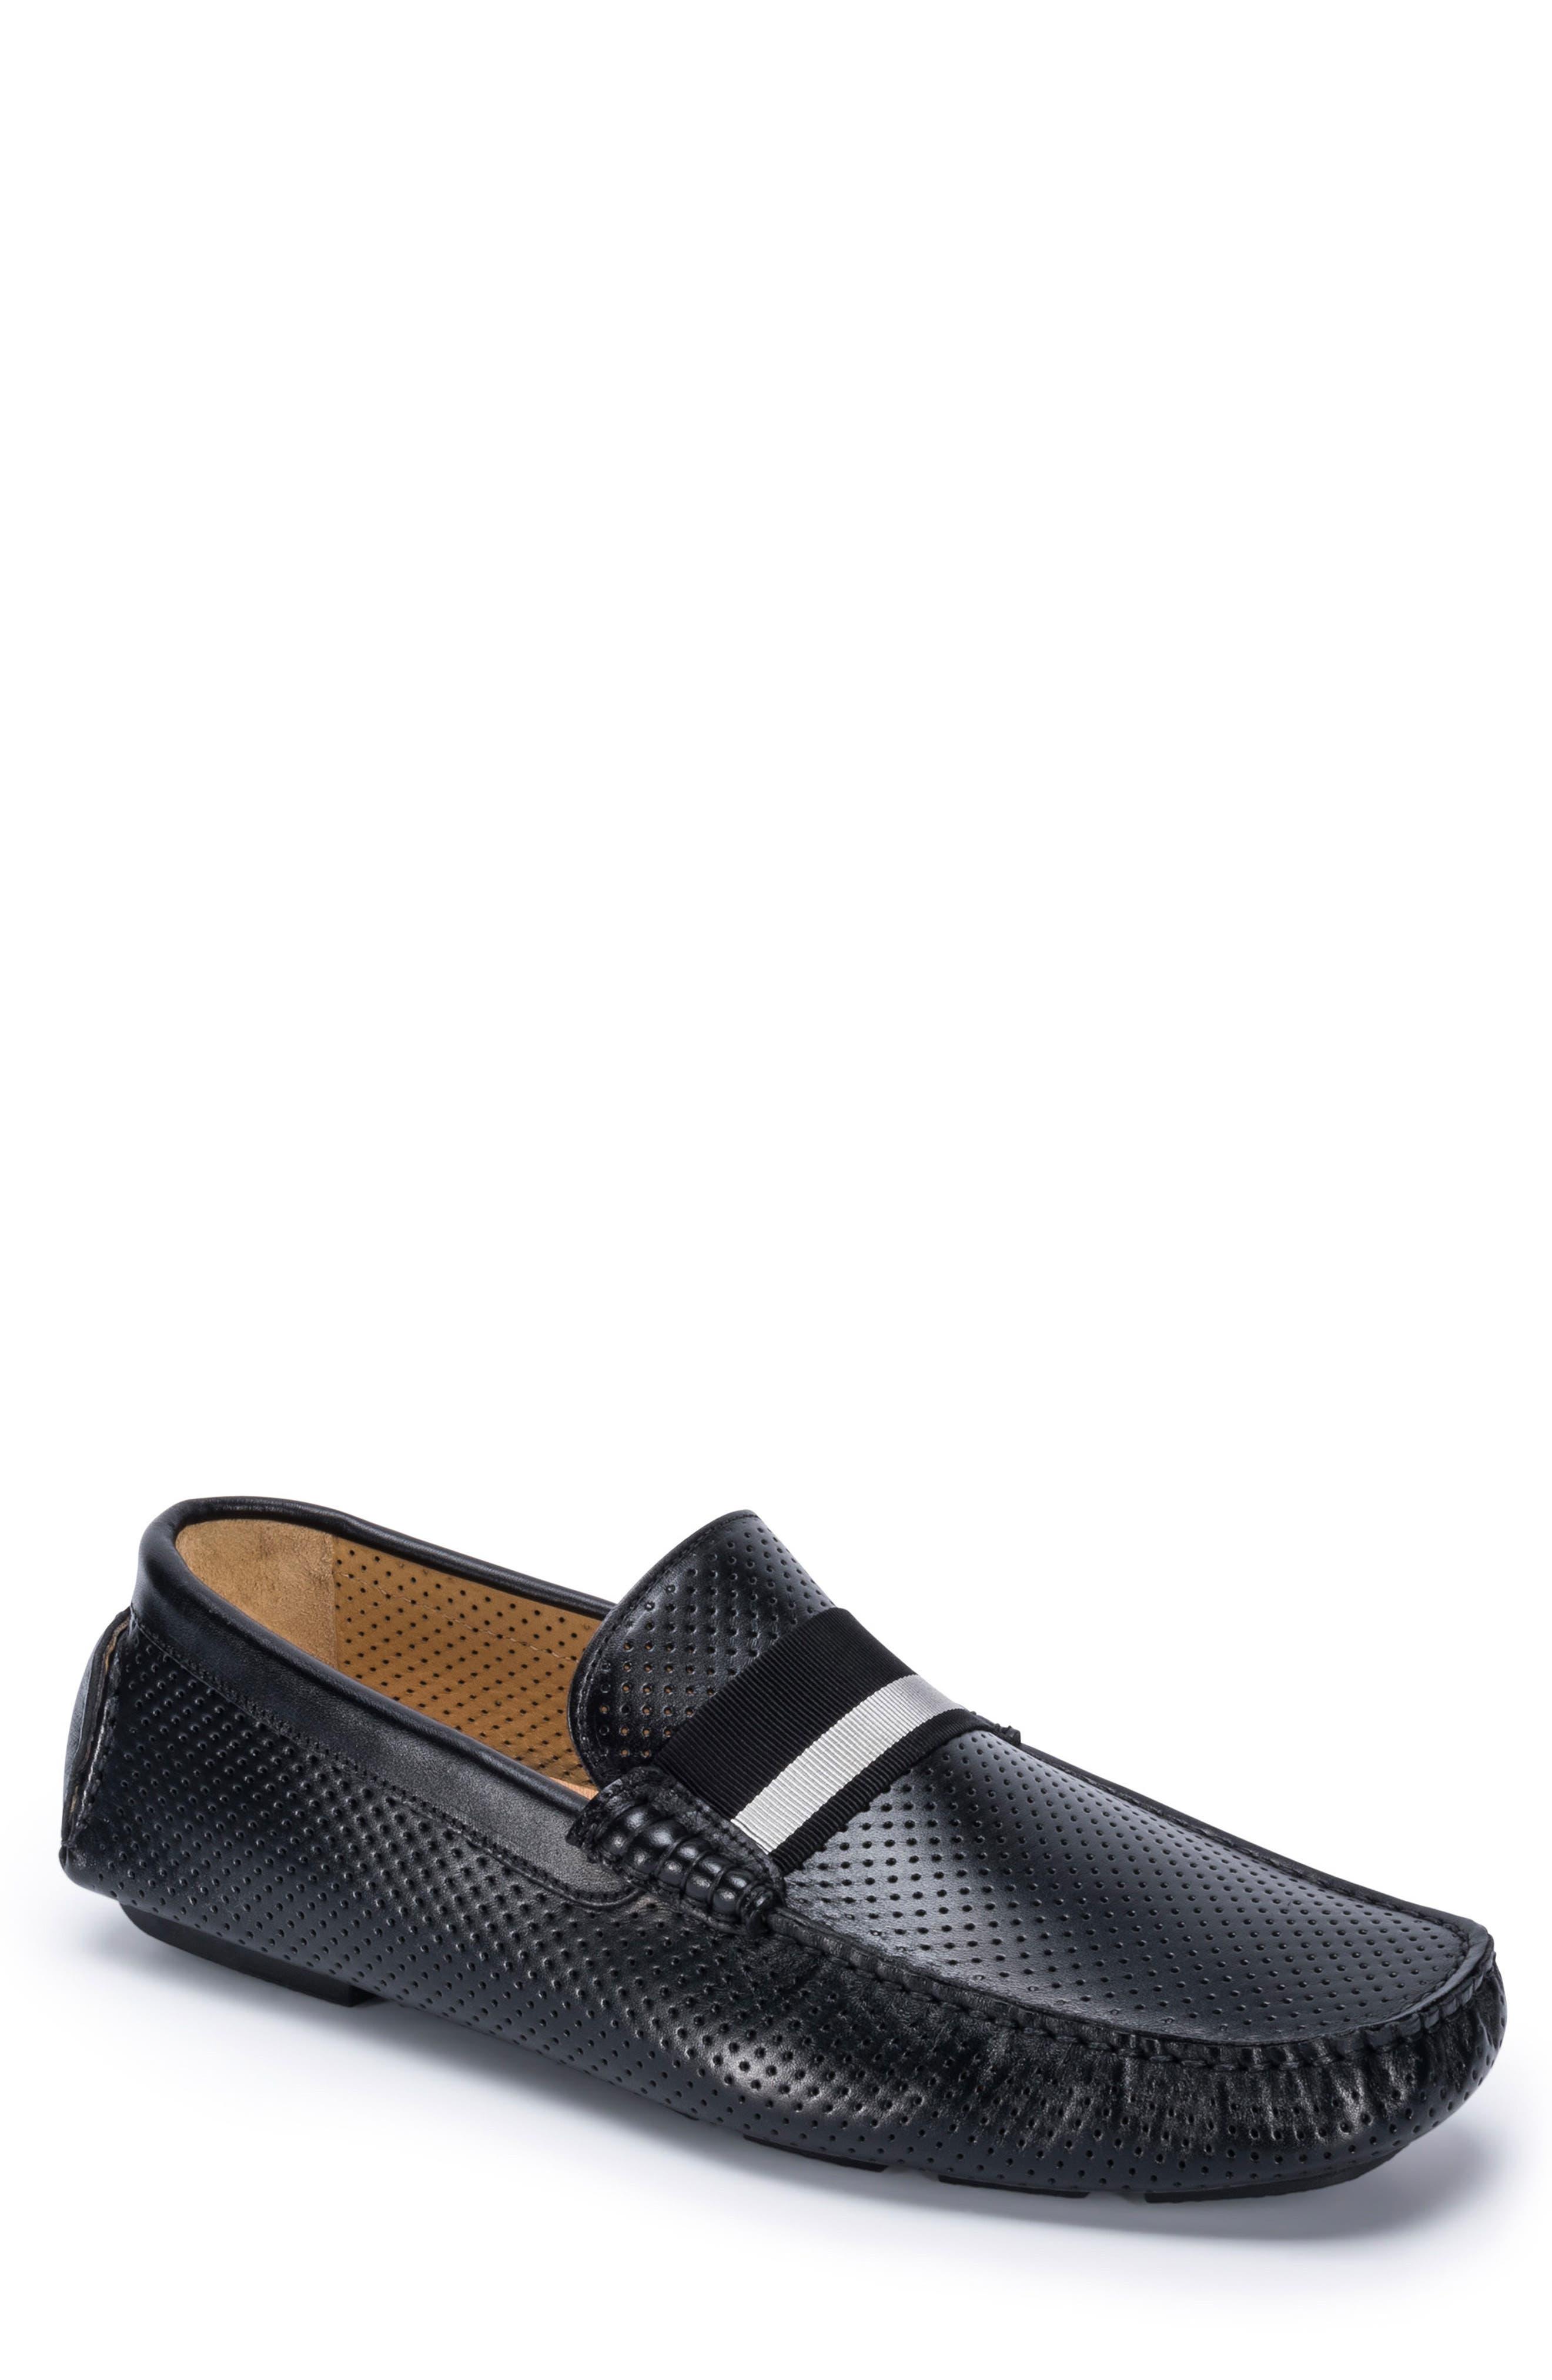 Sardegna Driving Shoe,                             Main thumbnail 1, color,                             BLACK